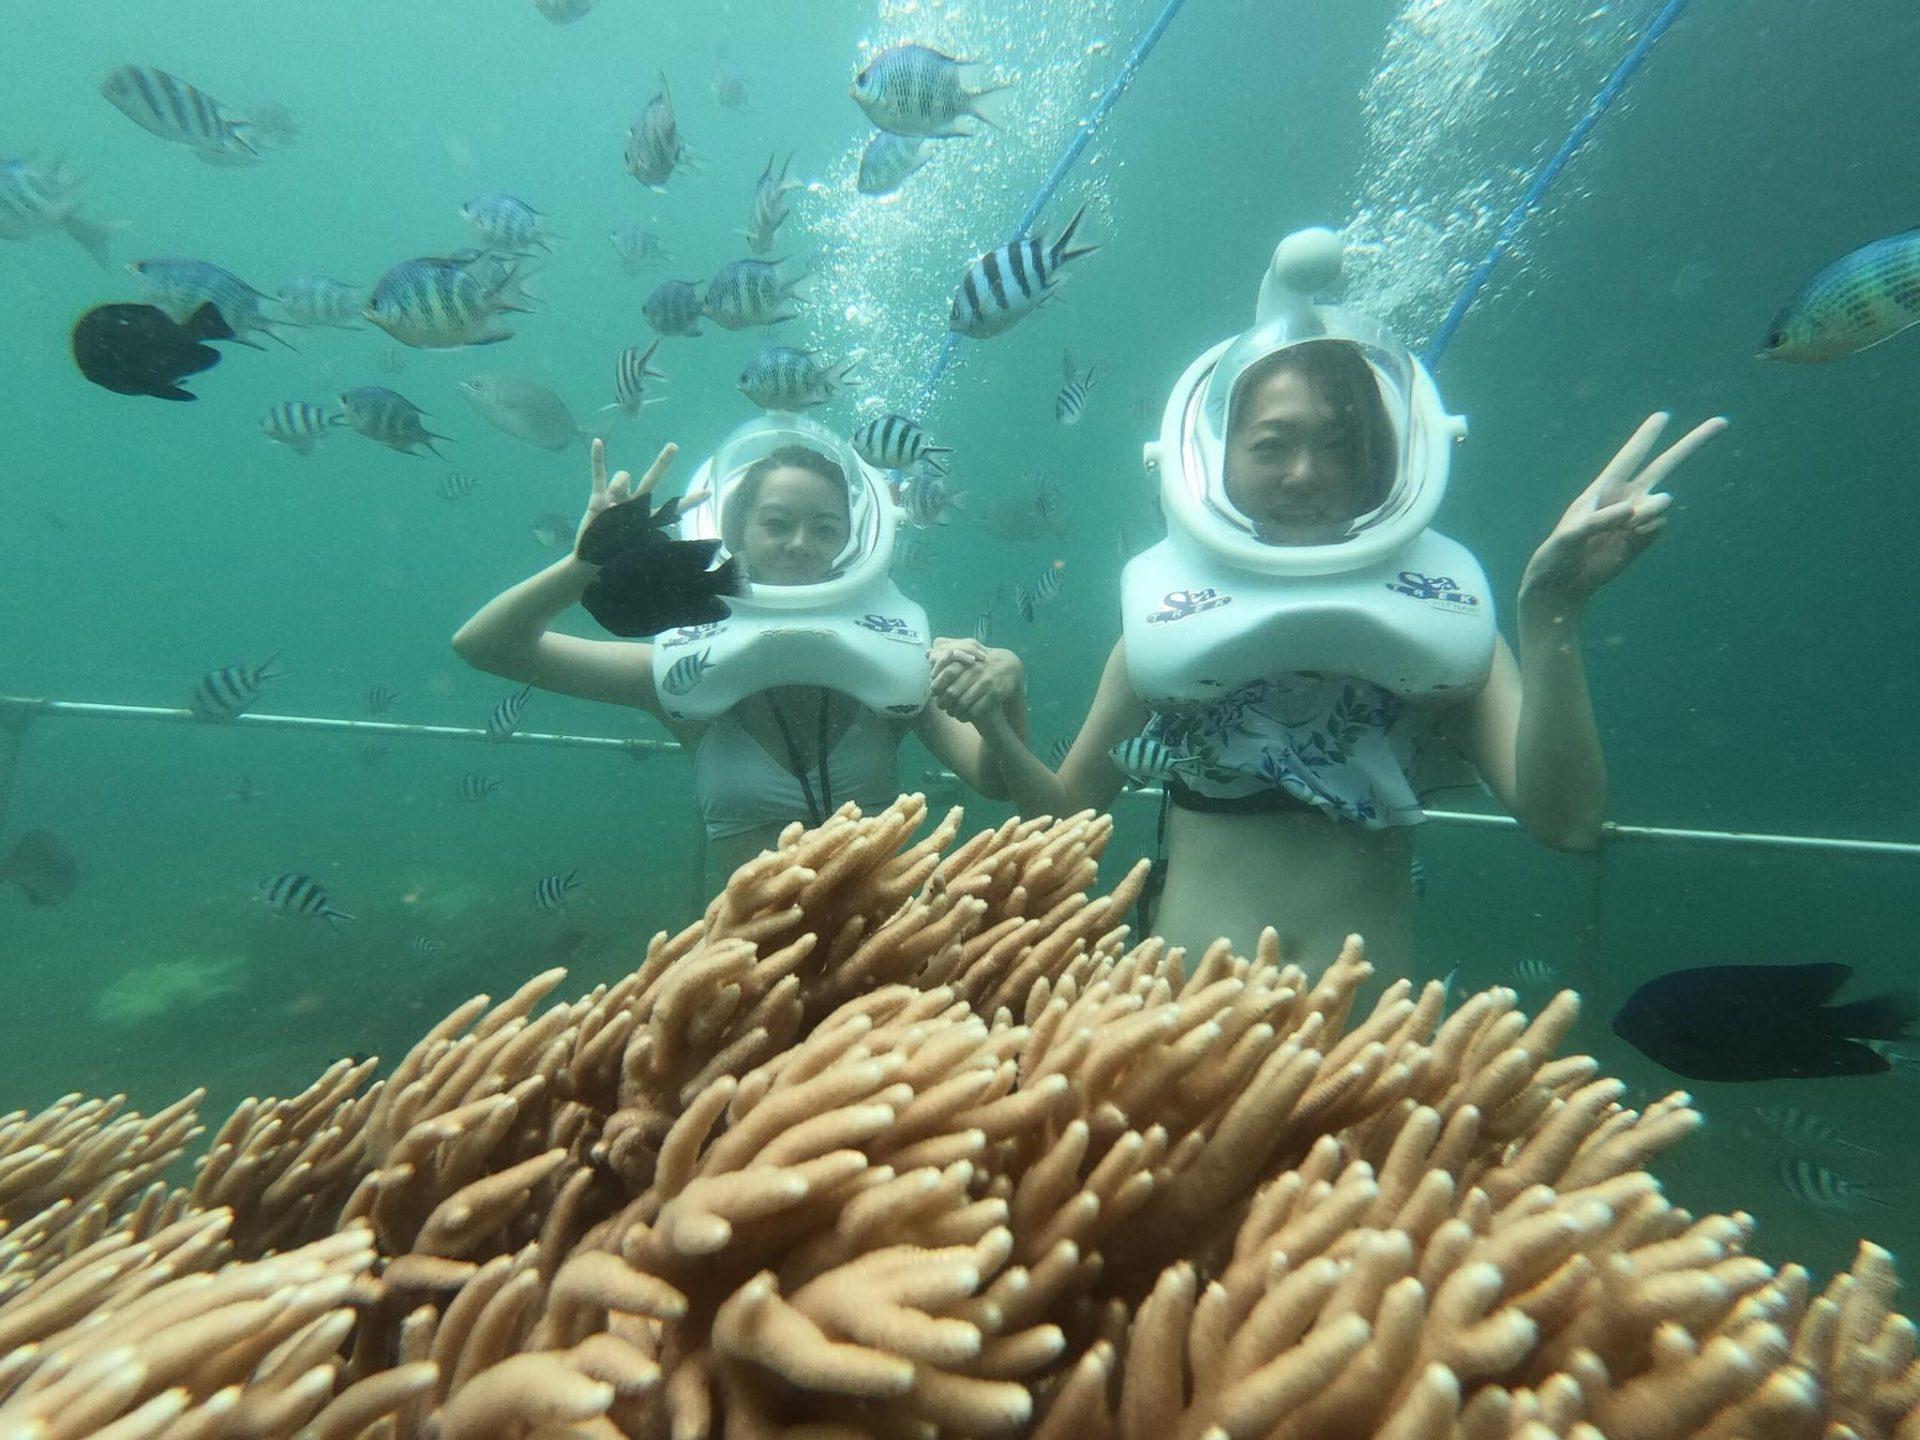 Đến Cù Lao Chàm đừng quên mua vé lặn ngắm san hô nhé